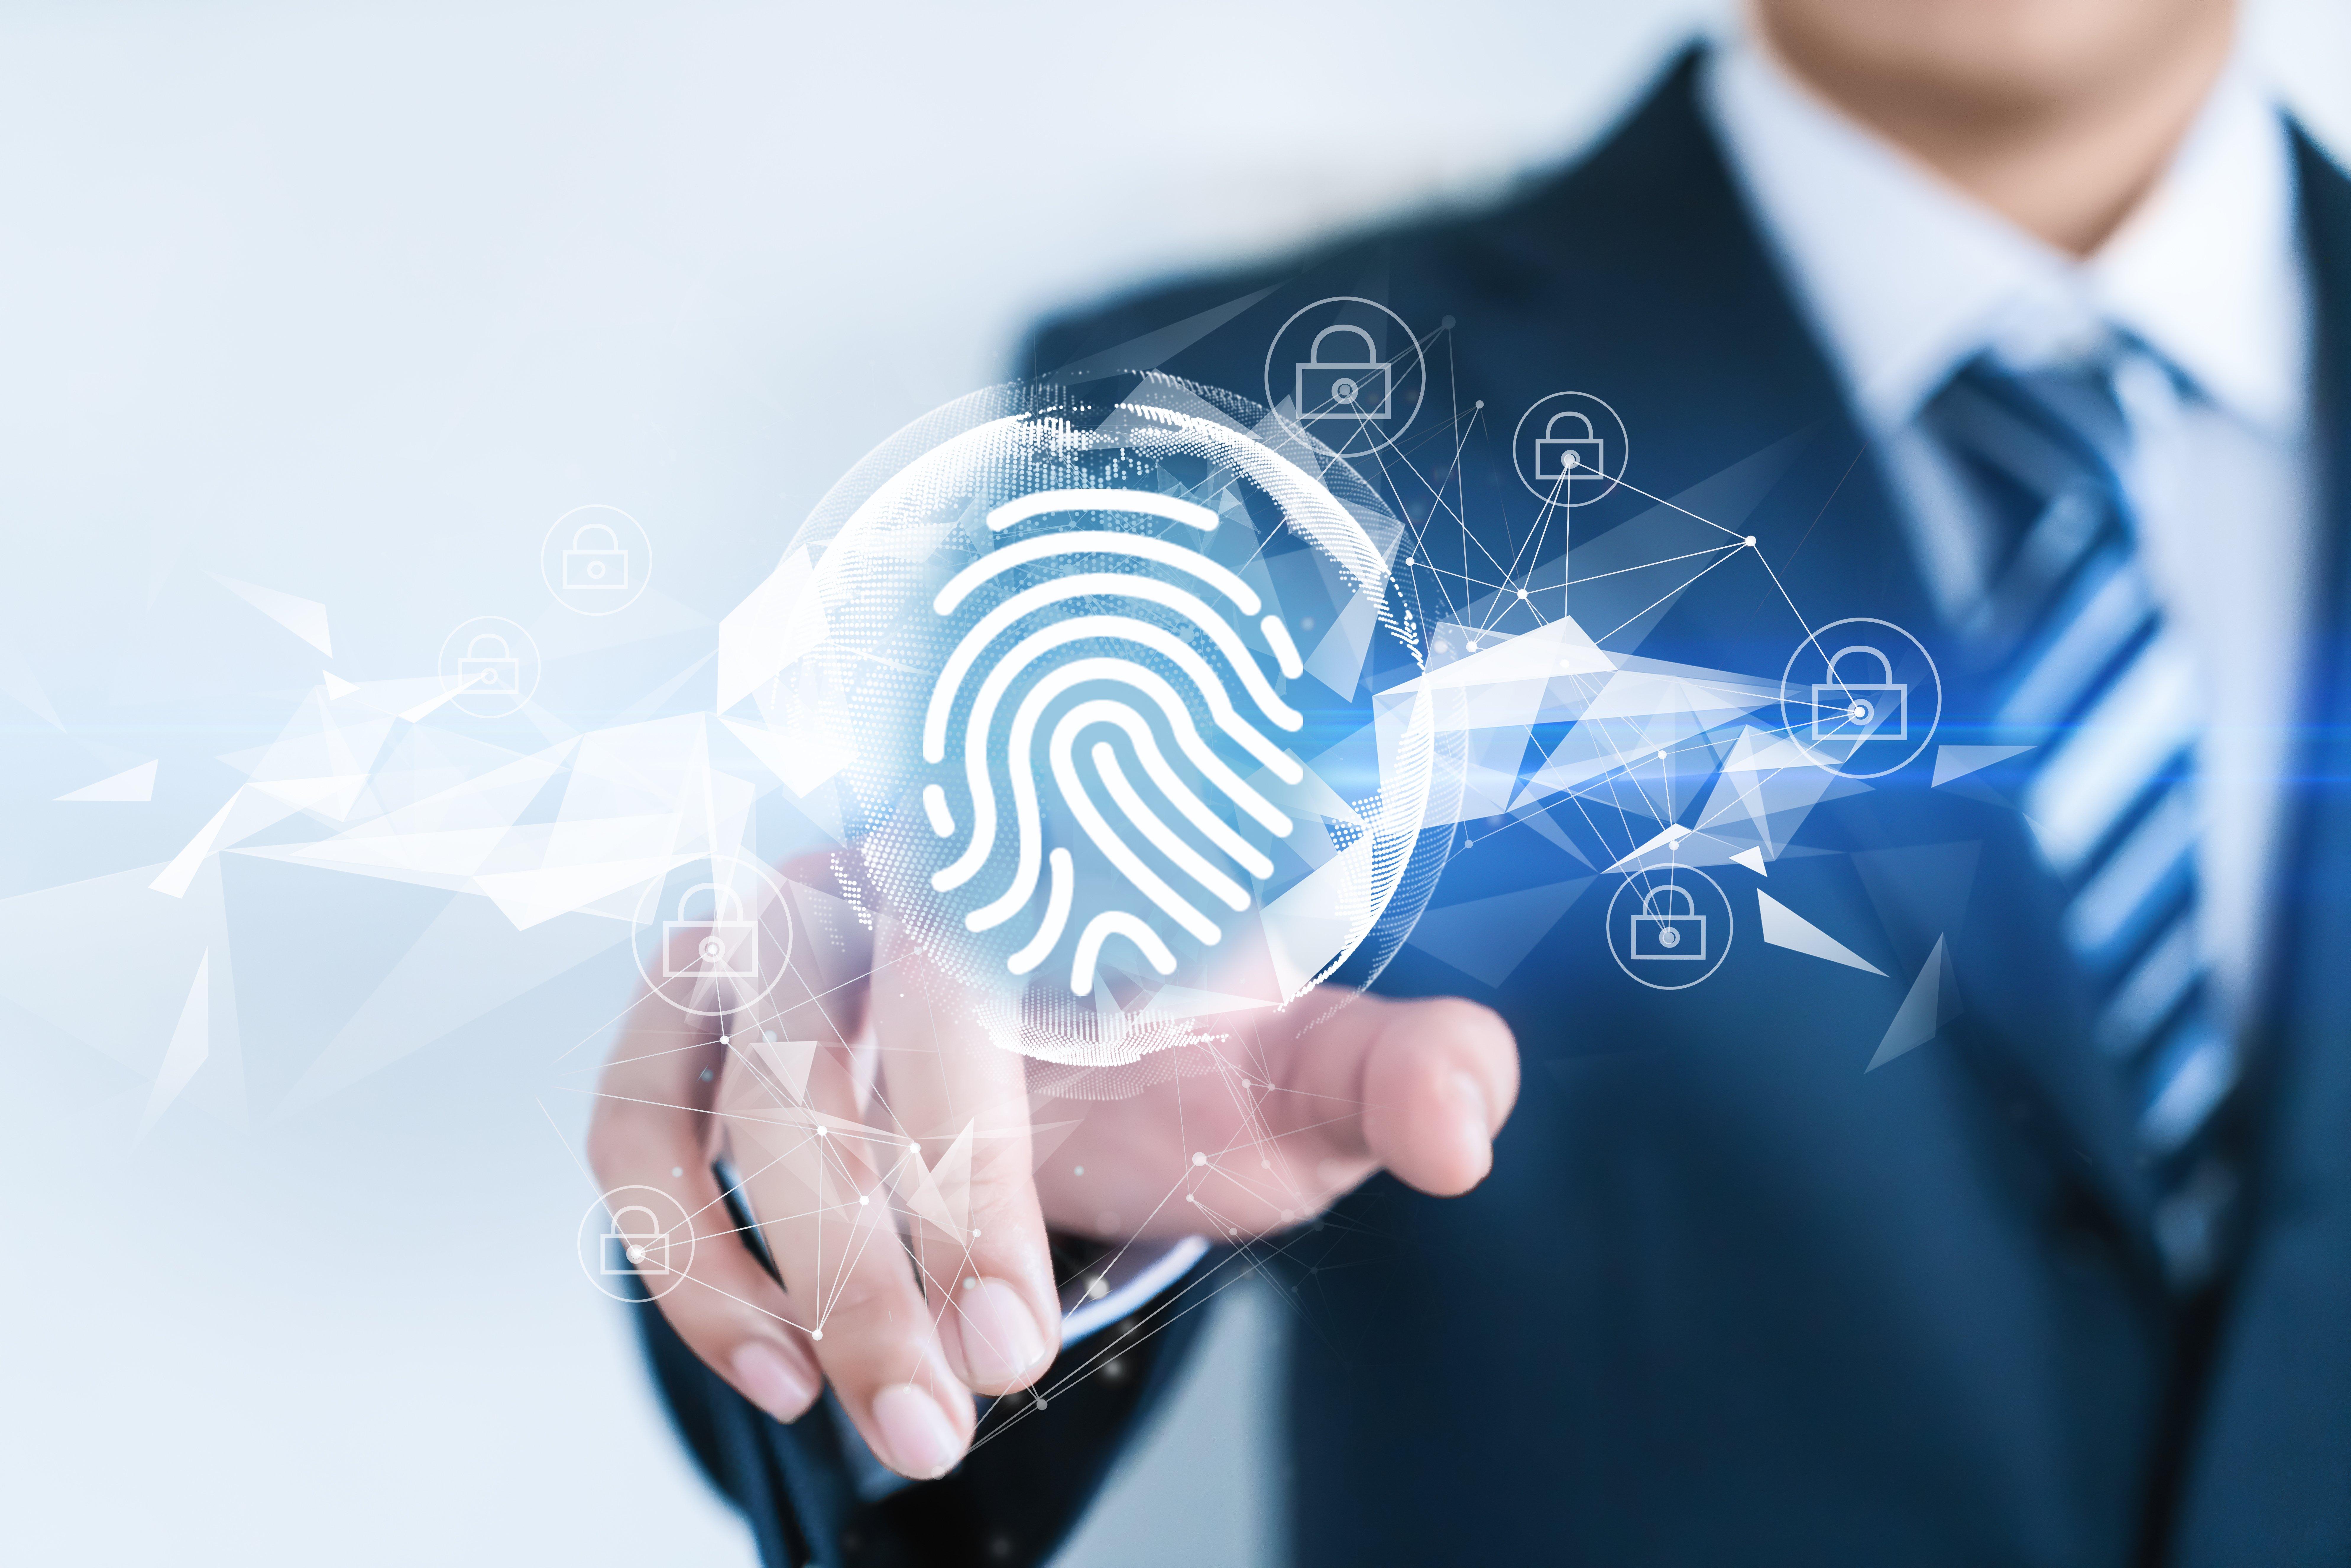 Man pressing a fingerprint button | Photo: Shutterstock